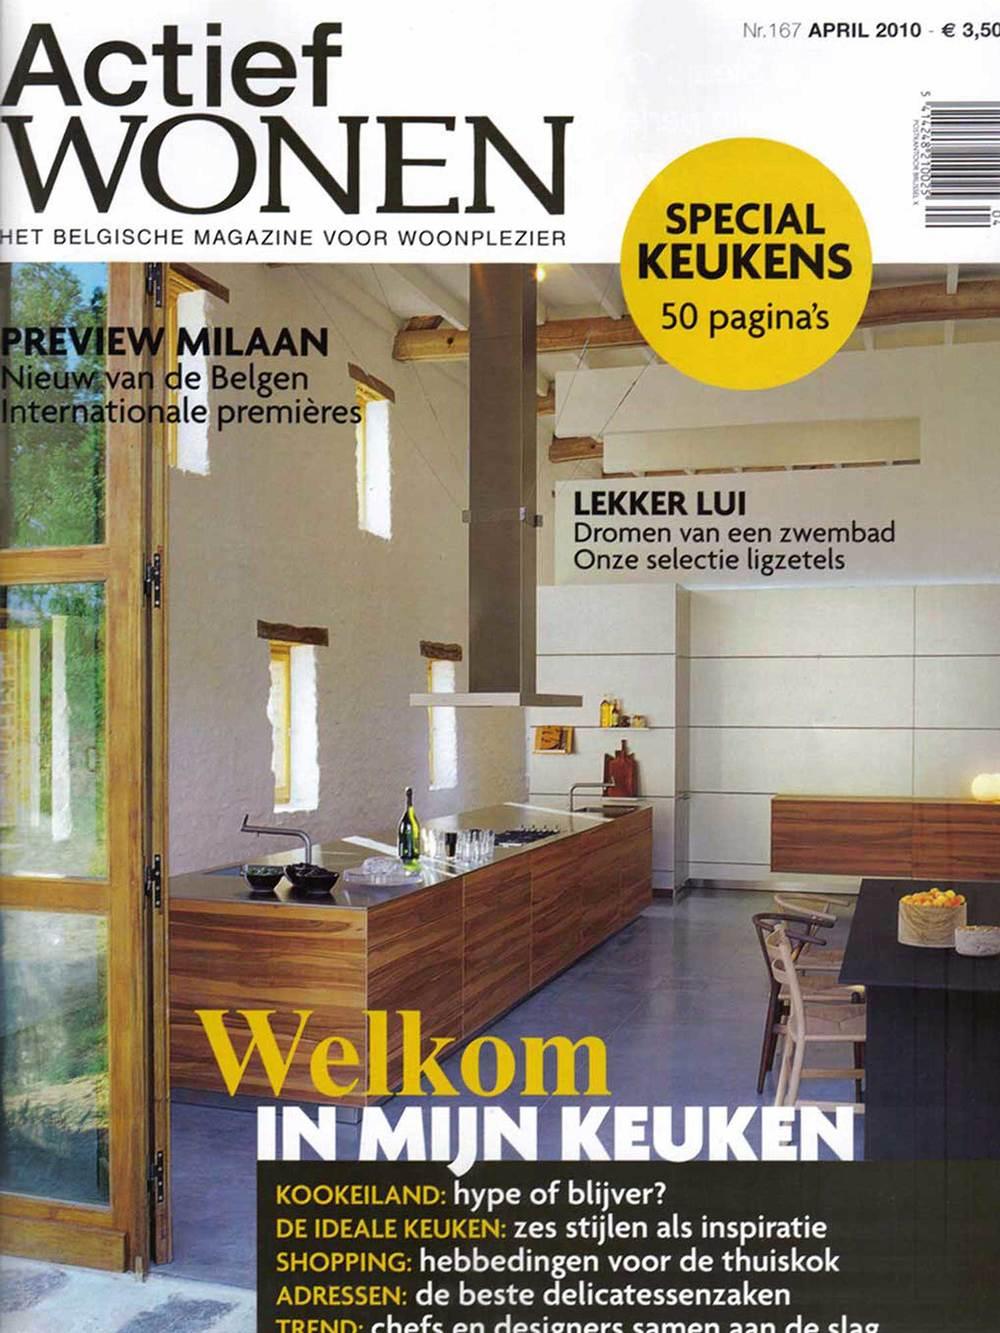 2010-Actief-Wonen-Aprile-167-cover.jpg